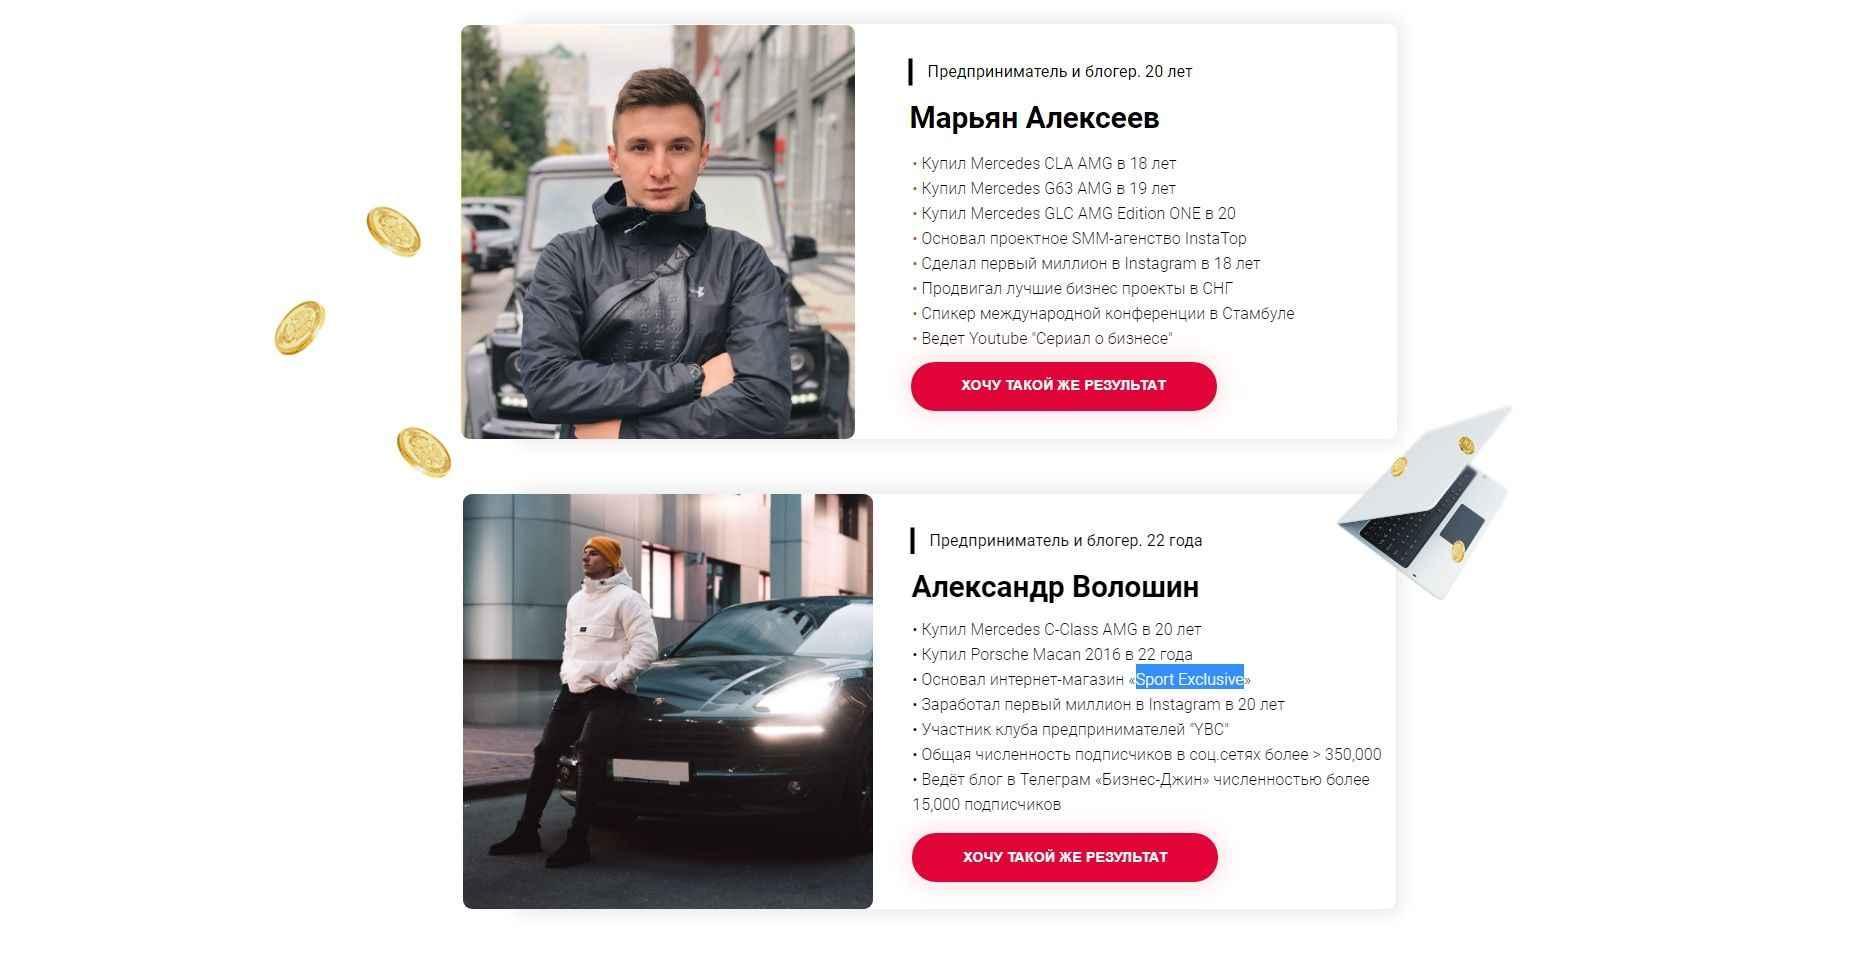 Марьян Алексеев и Александр Волошин «20 схем быстрого заработка» – отзывы и обзор